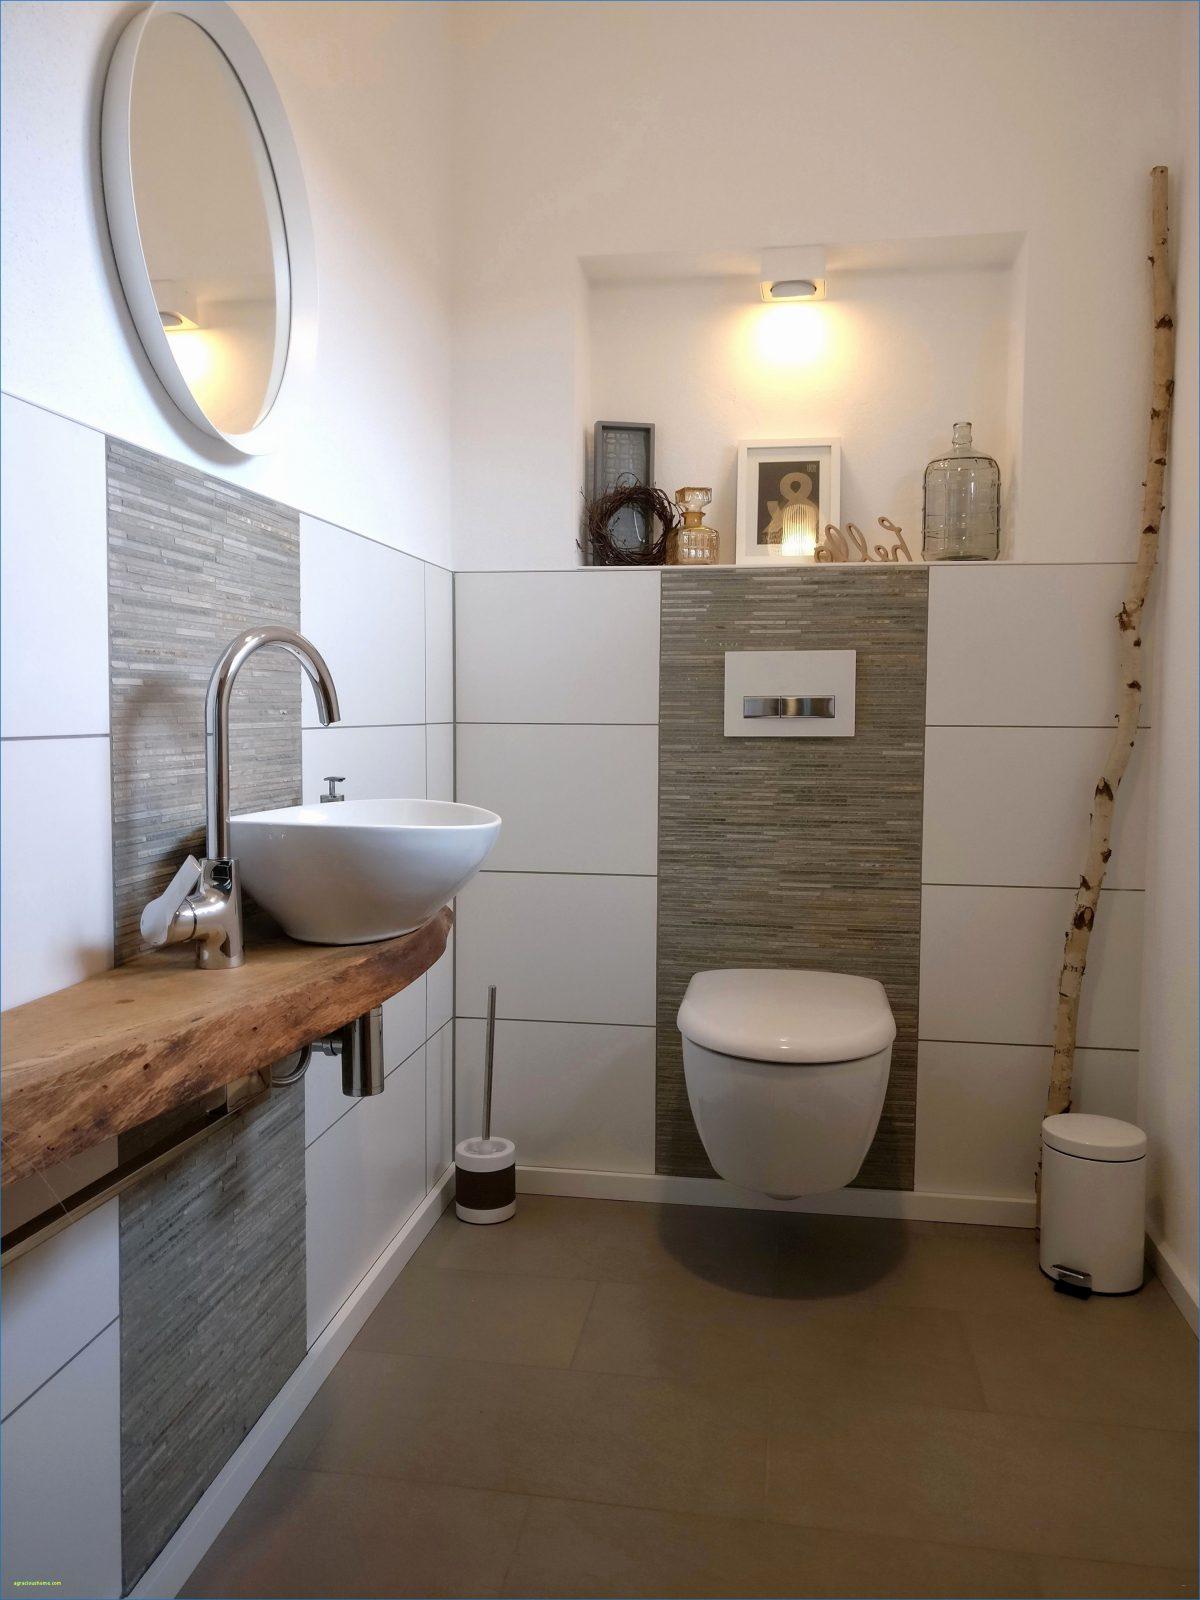 Kleine Bäder Badezimmer Ideen von Kleines Bad Renovieren Ideen Bild